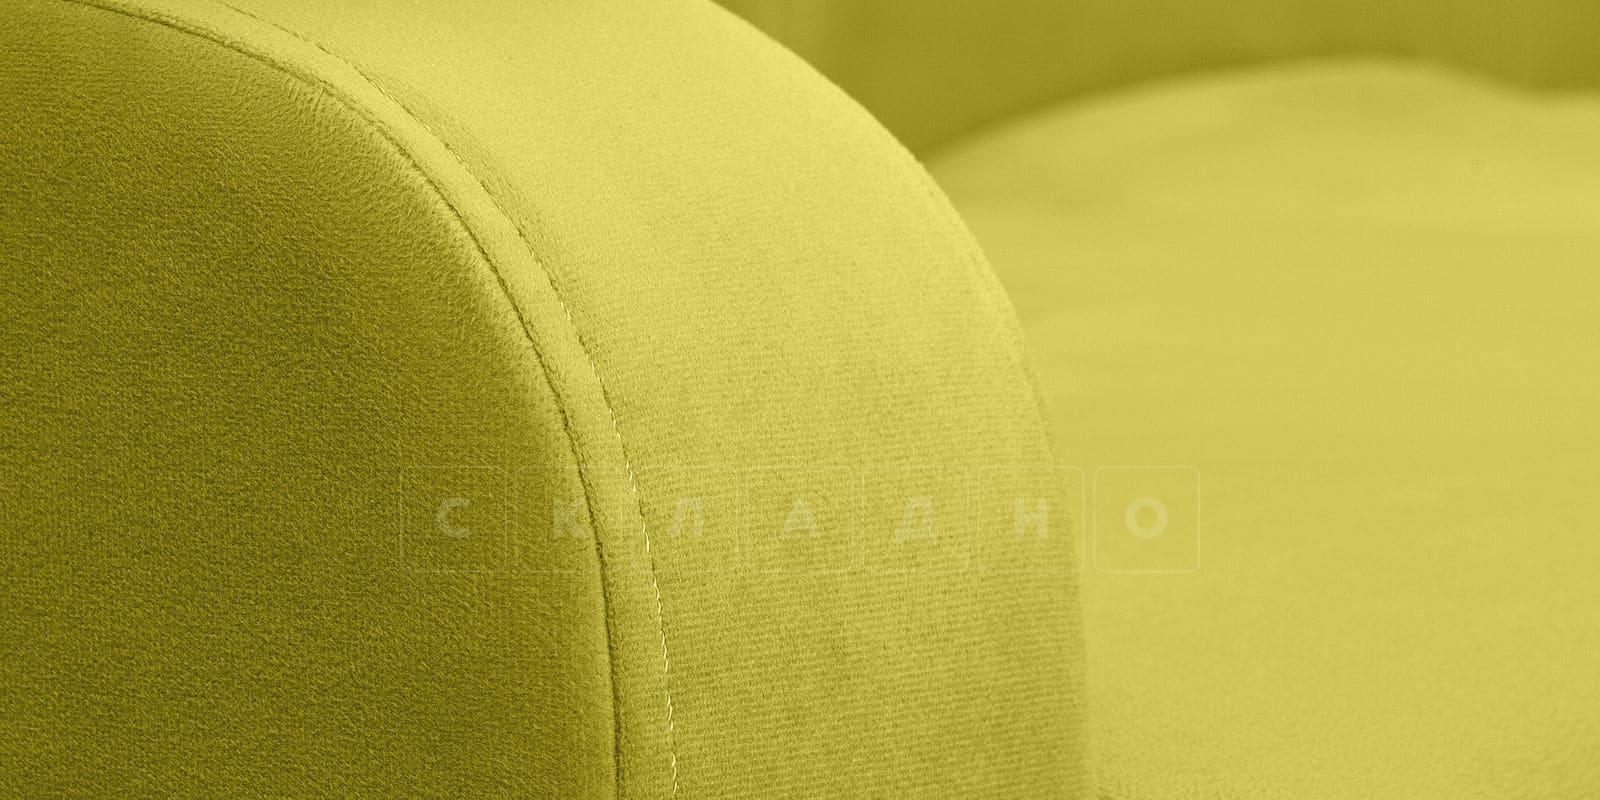 Диван прямой Денвер велюр оливковый фото 5 | интернет-магазин Складно